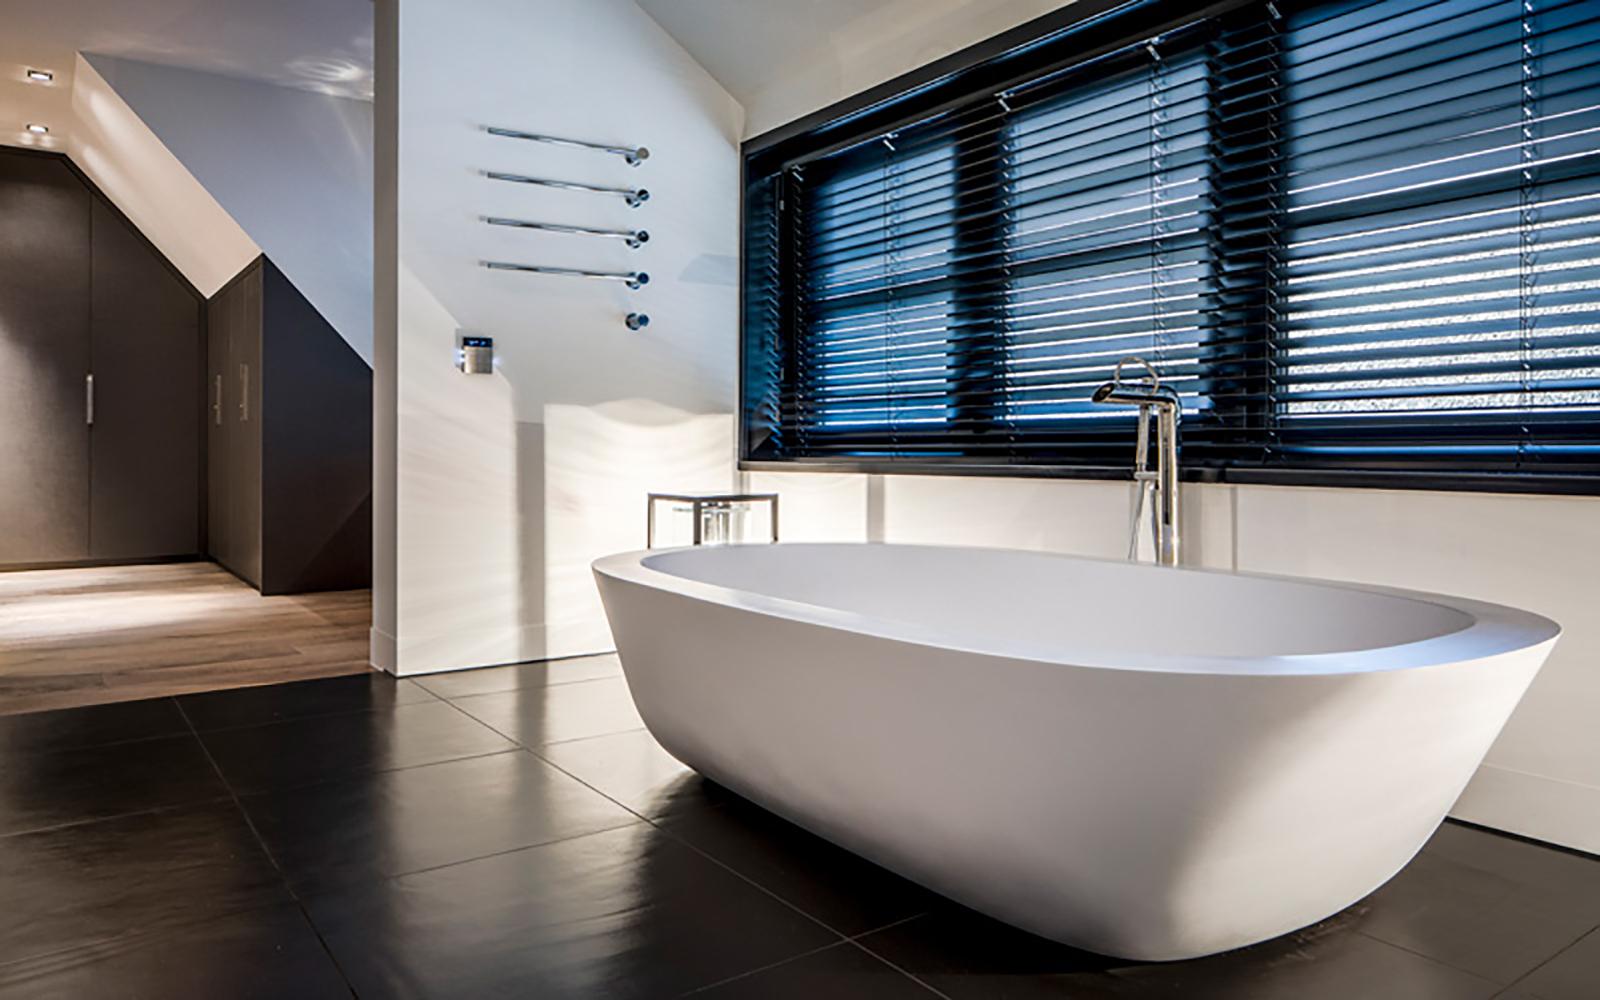 Raamdecoratie, Exclusief, Design, Interieur